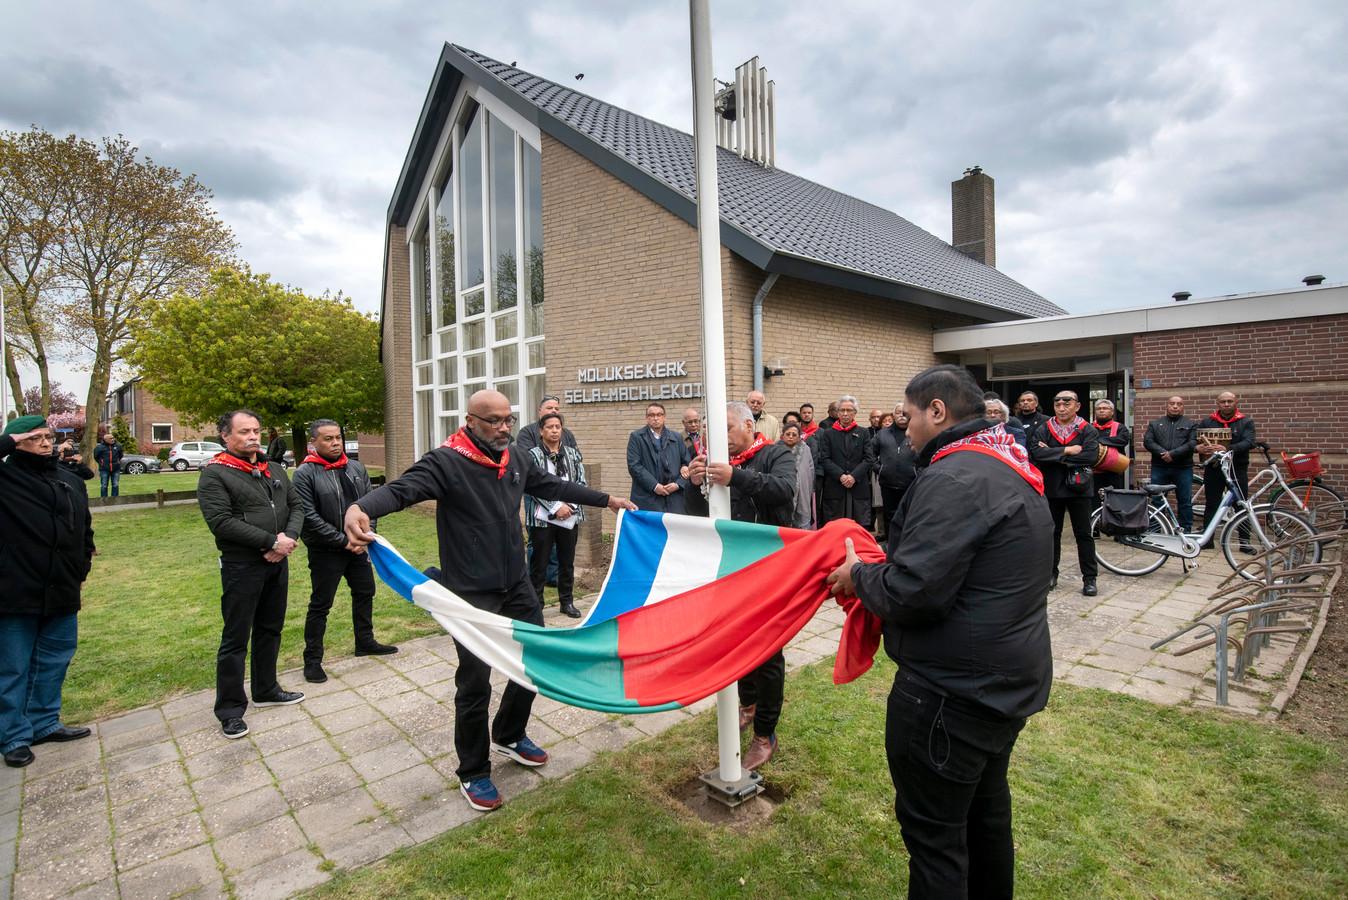 De RMS-vlag wordt opgevouwen. Het was vrijdagavond een van de rituelen tijdens de herdenking van de executie op 12 april 1966 van Chris Soumokil, de tweede president van de Republiek der Zuid-Molukken.